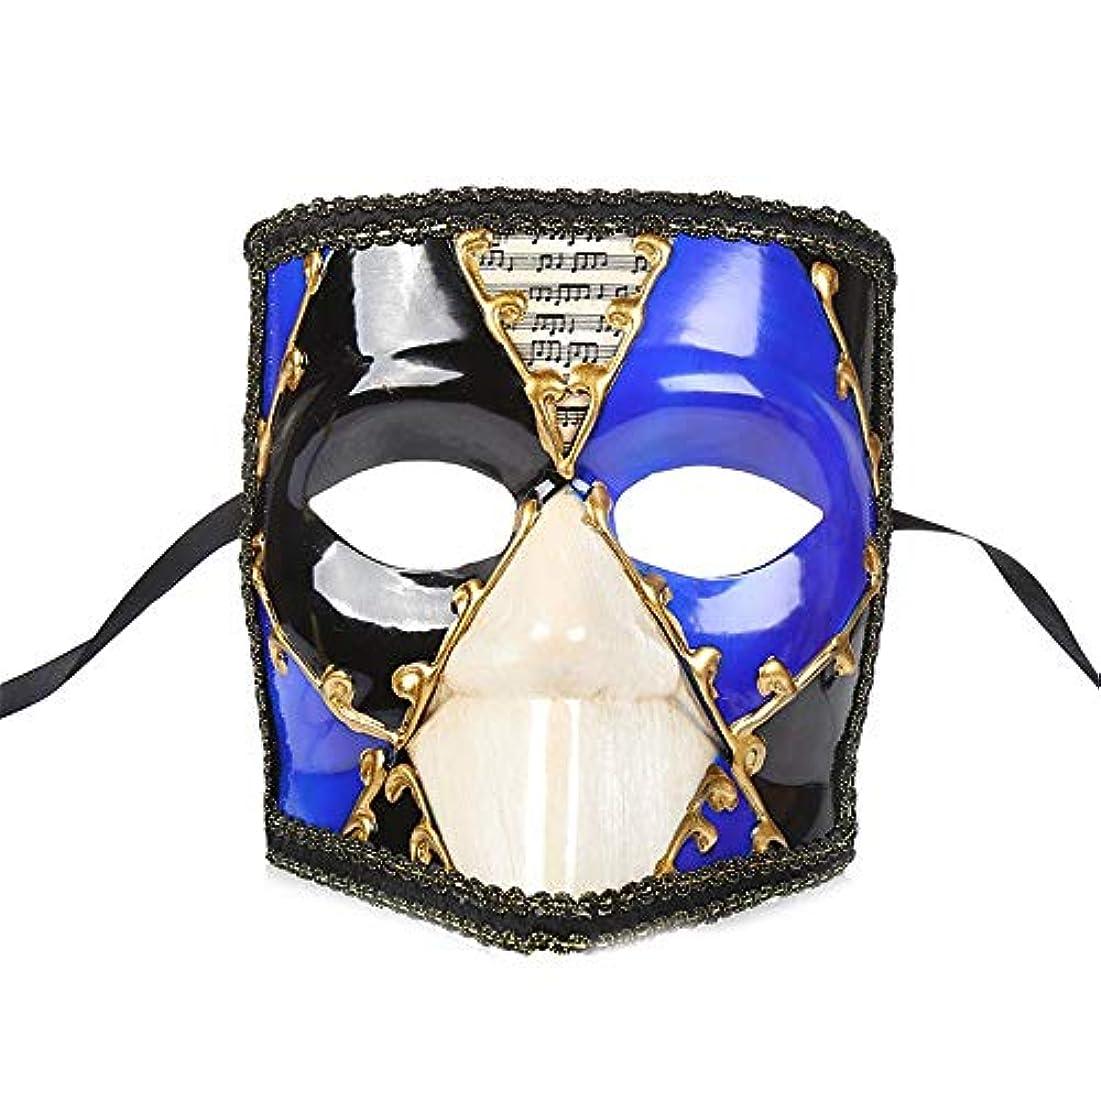 味宅配便控えるダンスマスク ピエロマスクヴィンテージマスカレードショーデコレーションコスプレナイトクラブプラスチック厚いマスク ホリデーパーティー用品 (色 : 青, サイズ : 18x15cm)